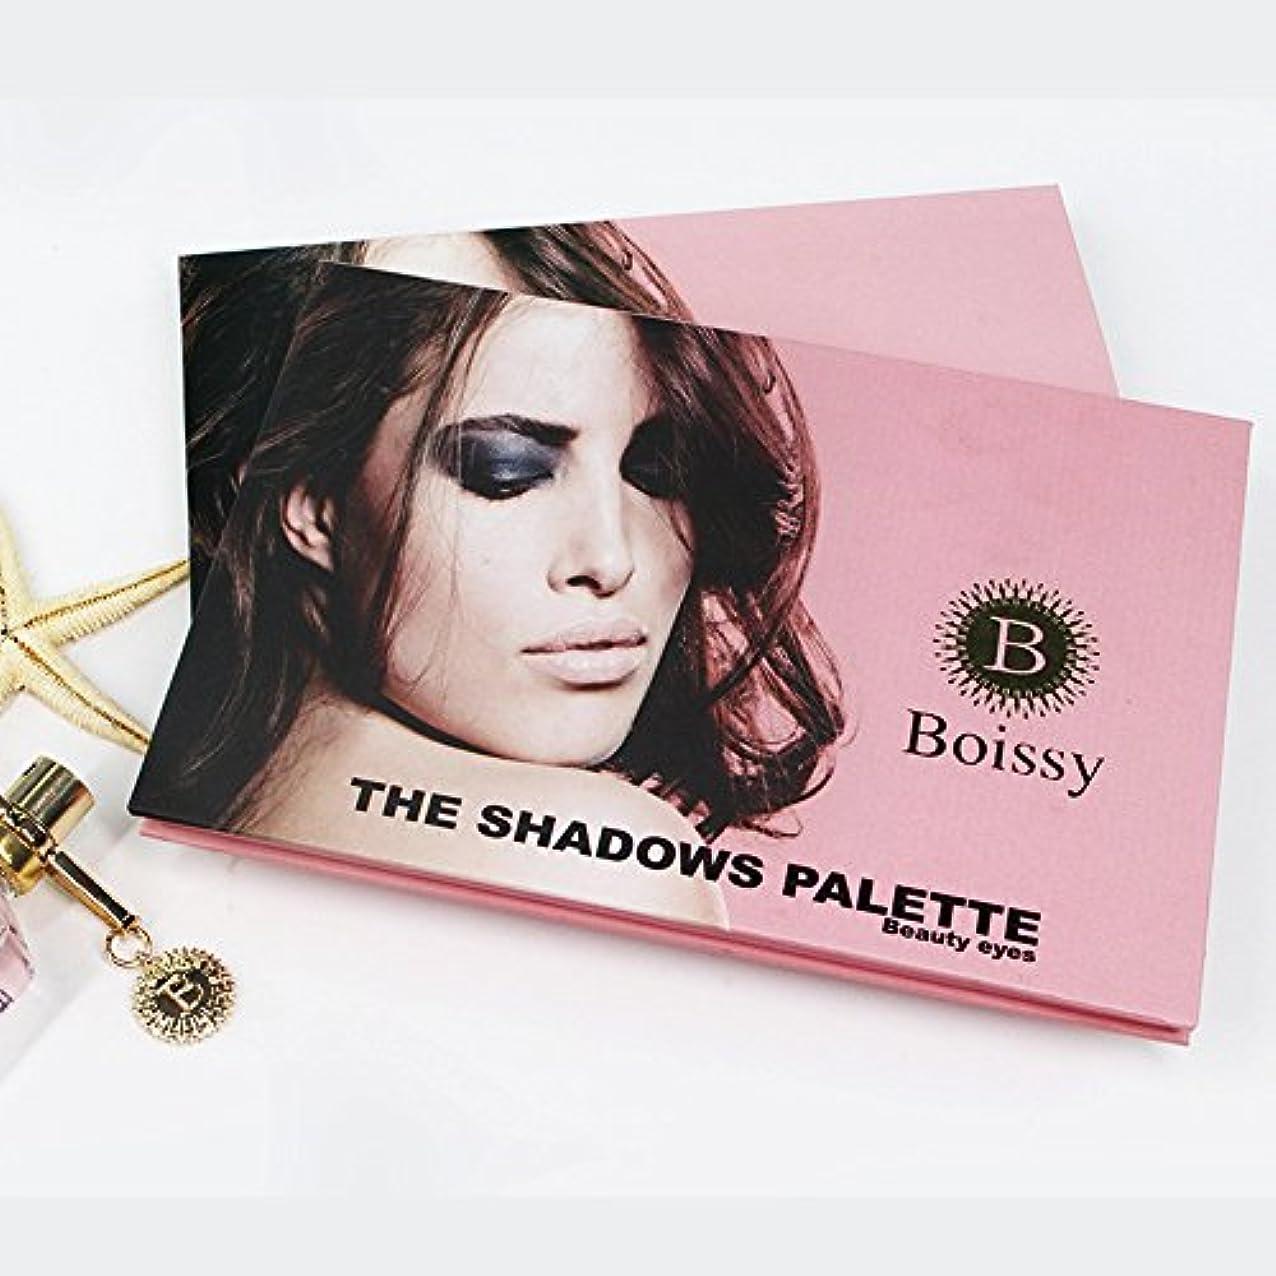 イタリアの徐々に道路を作るプロセスAkane アイシャドウパレット BOISSY ファッション 可愛い 魅力的 キラキラ 人気 ピンク 綺麗 長持ち おしゃれ 防水 チャーム 日常 持ち便利 Eye Shadow (24色)